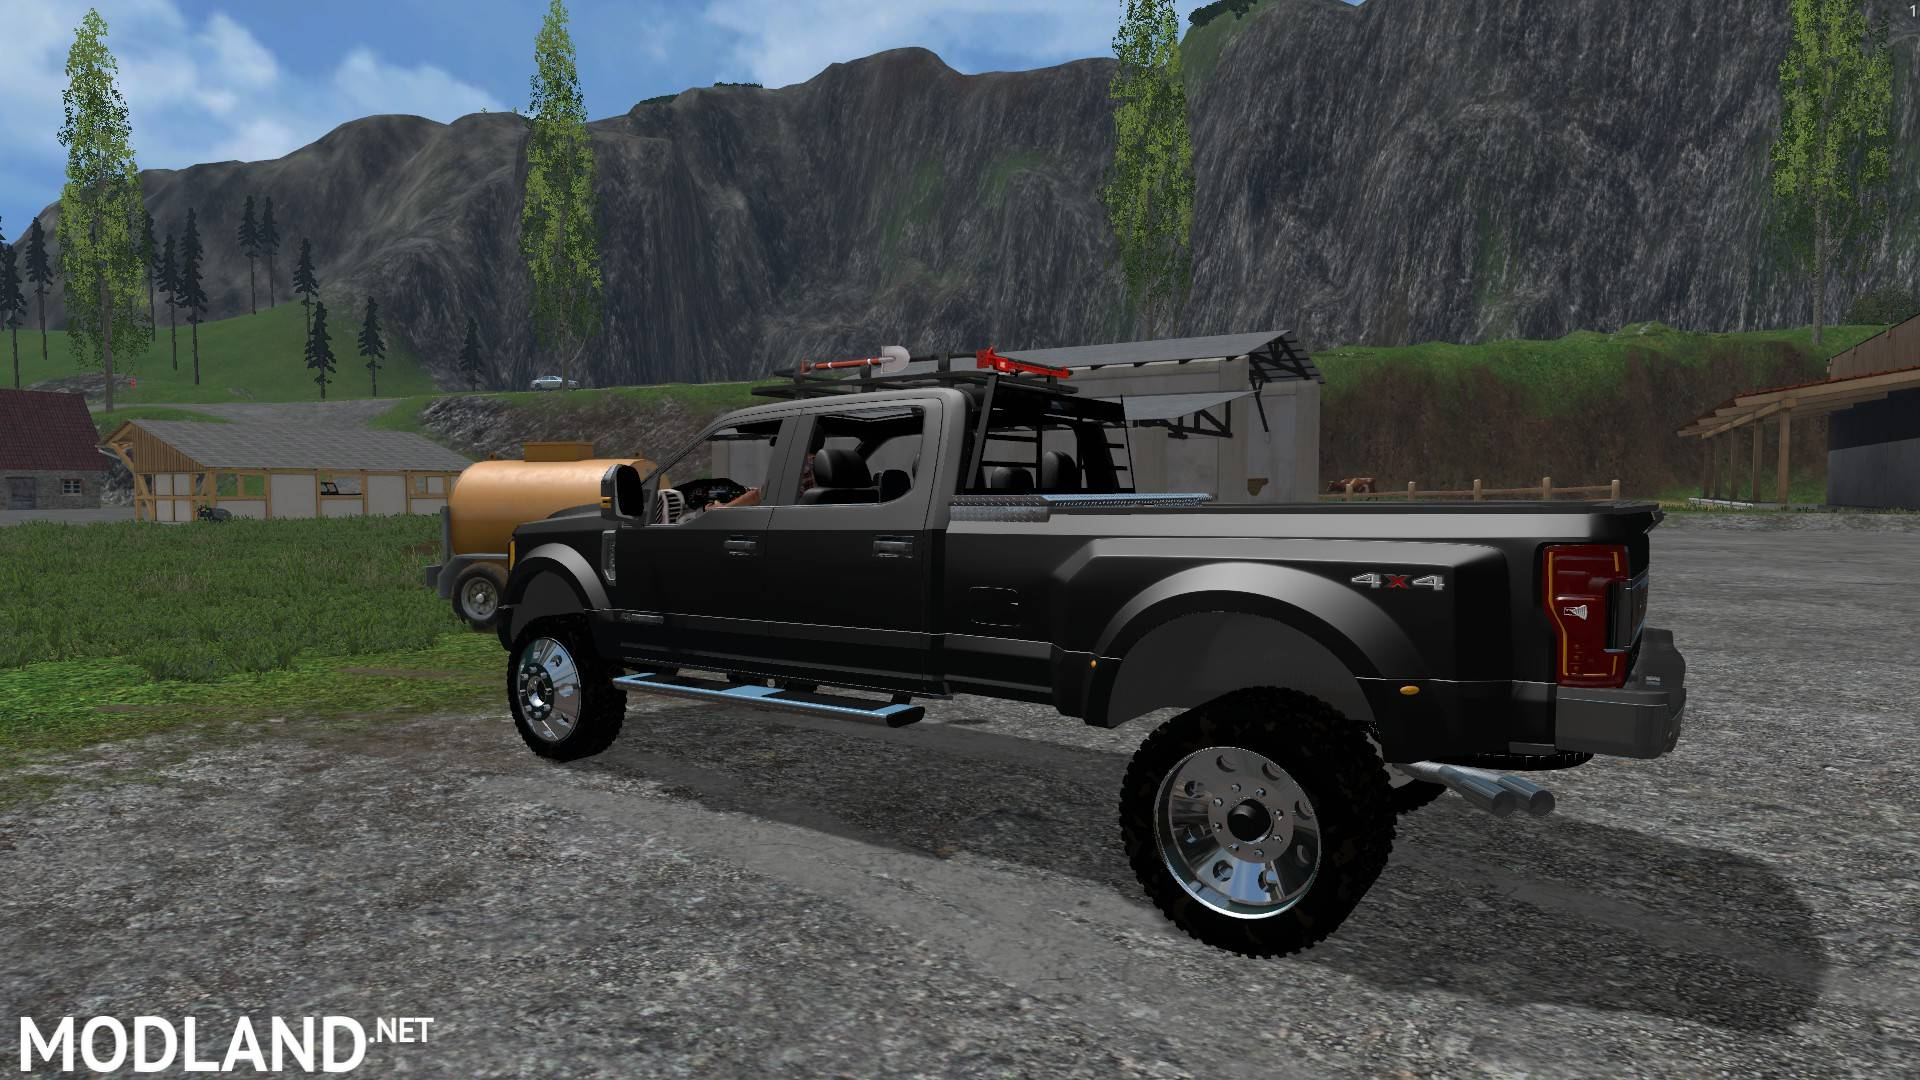 2017 ford f450 super duty platinum edition mod for farming simulator 2015 15 fs ls 2015 mod